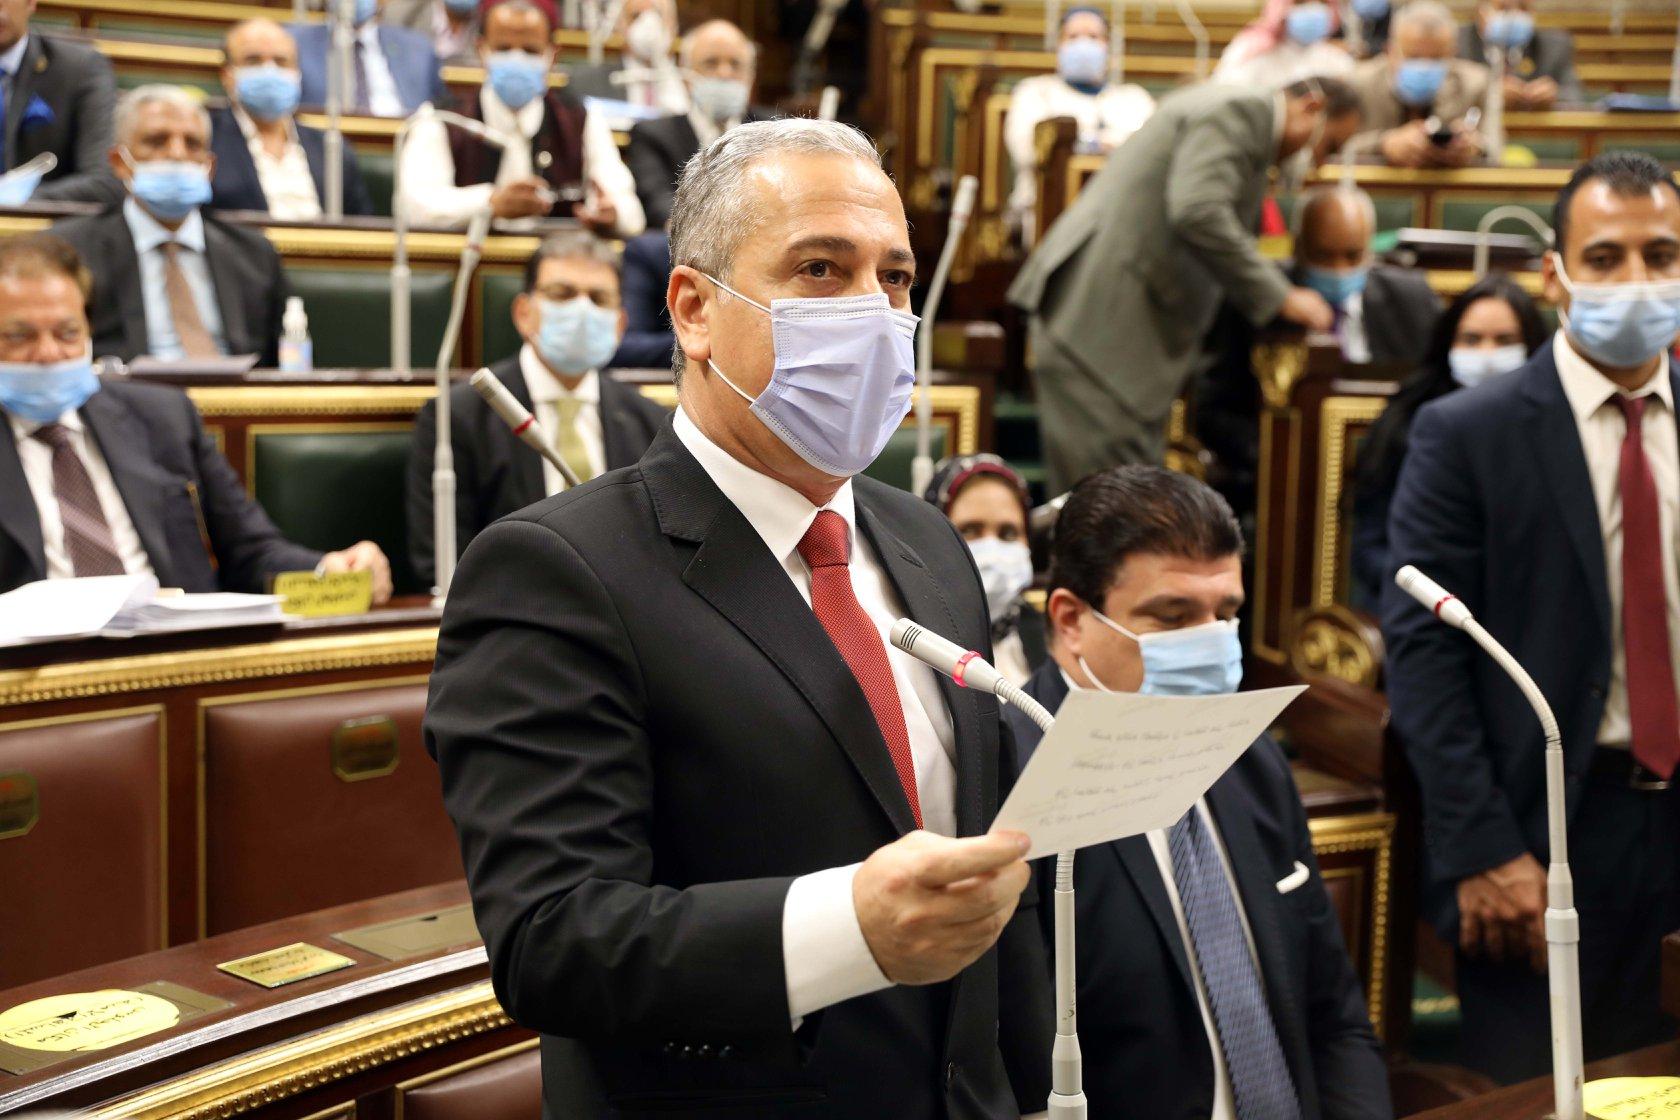 الشوربجي : الصحافة المصرية بحاجة إلى الجهود المخلصة للنهوض بها